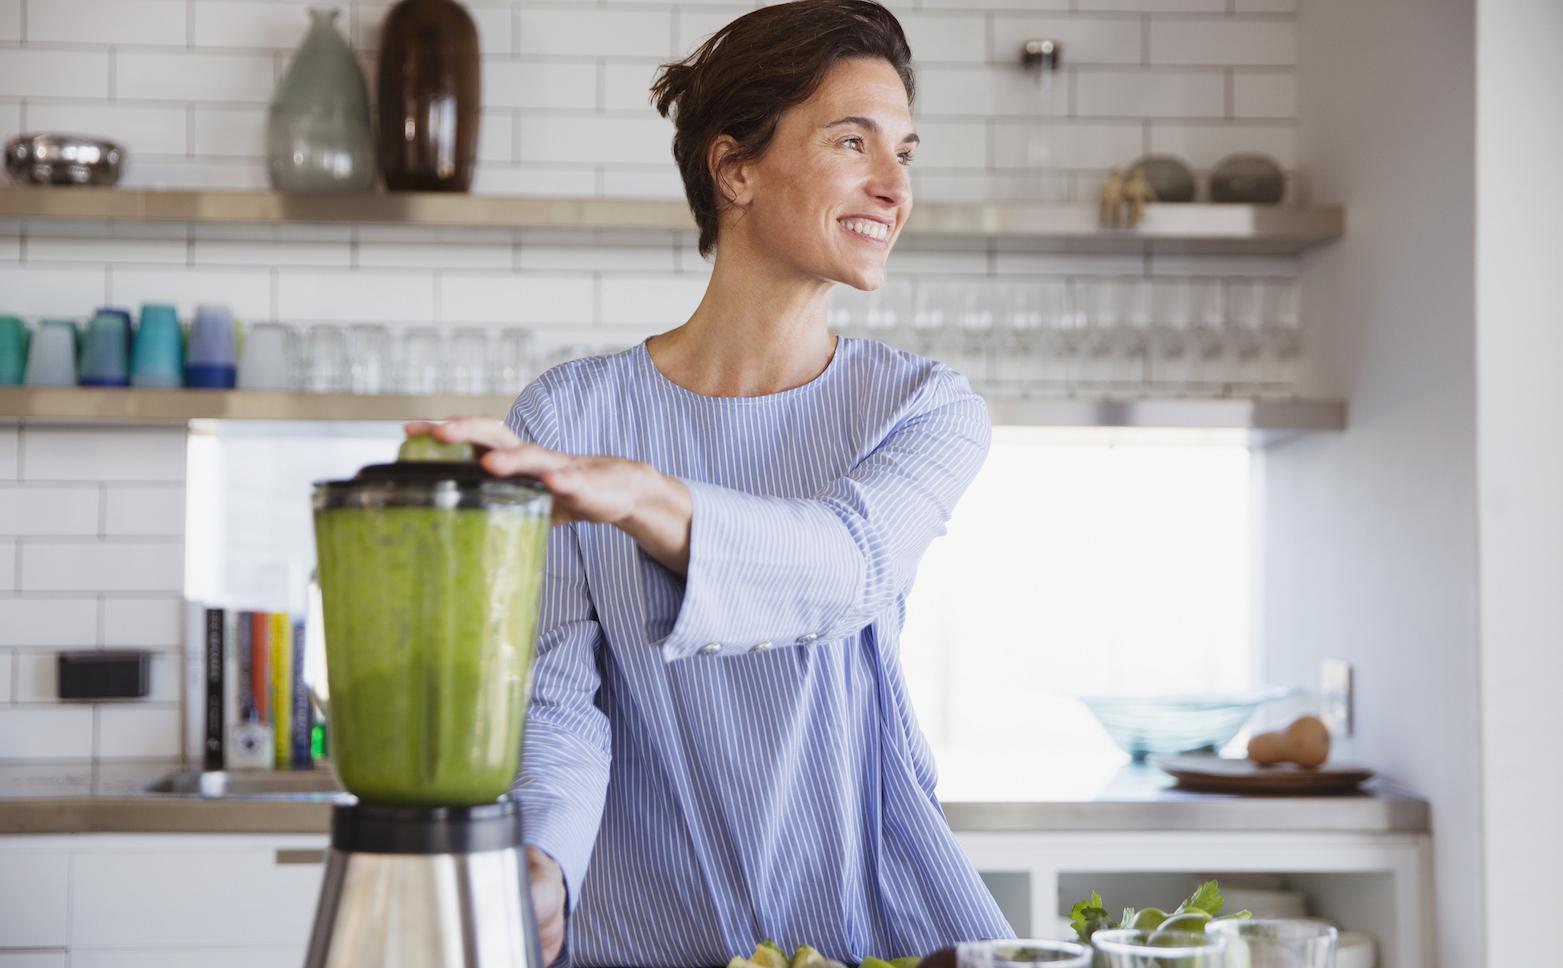 cibi-e-ricette-anti-invecchiamento-antiaging